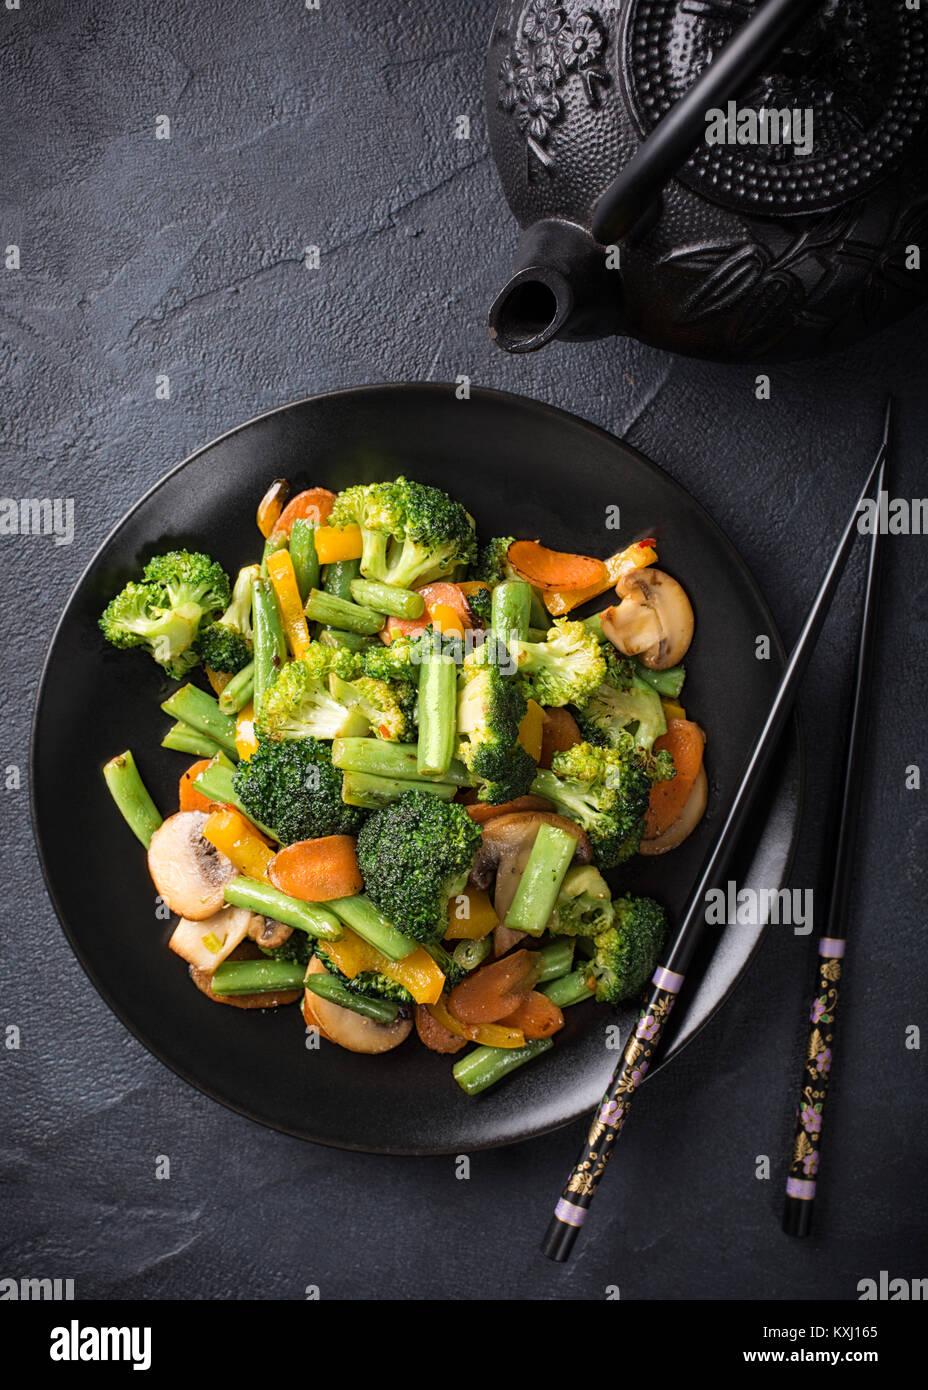 Stir fried vegetables - Stock Image